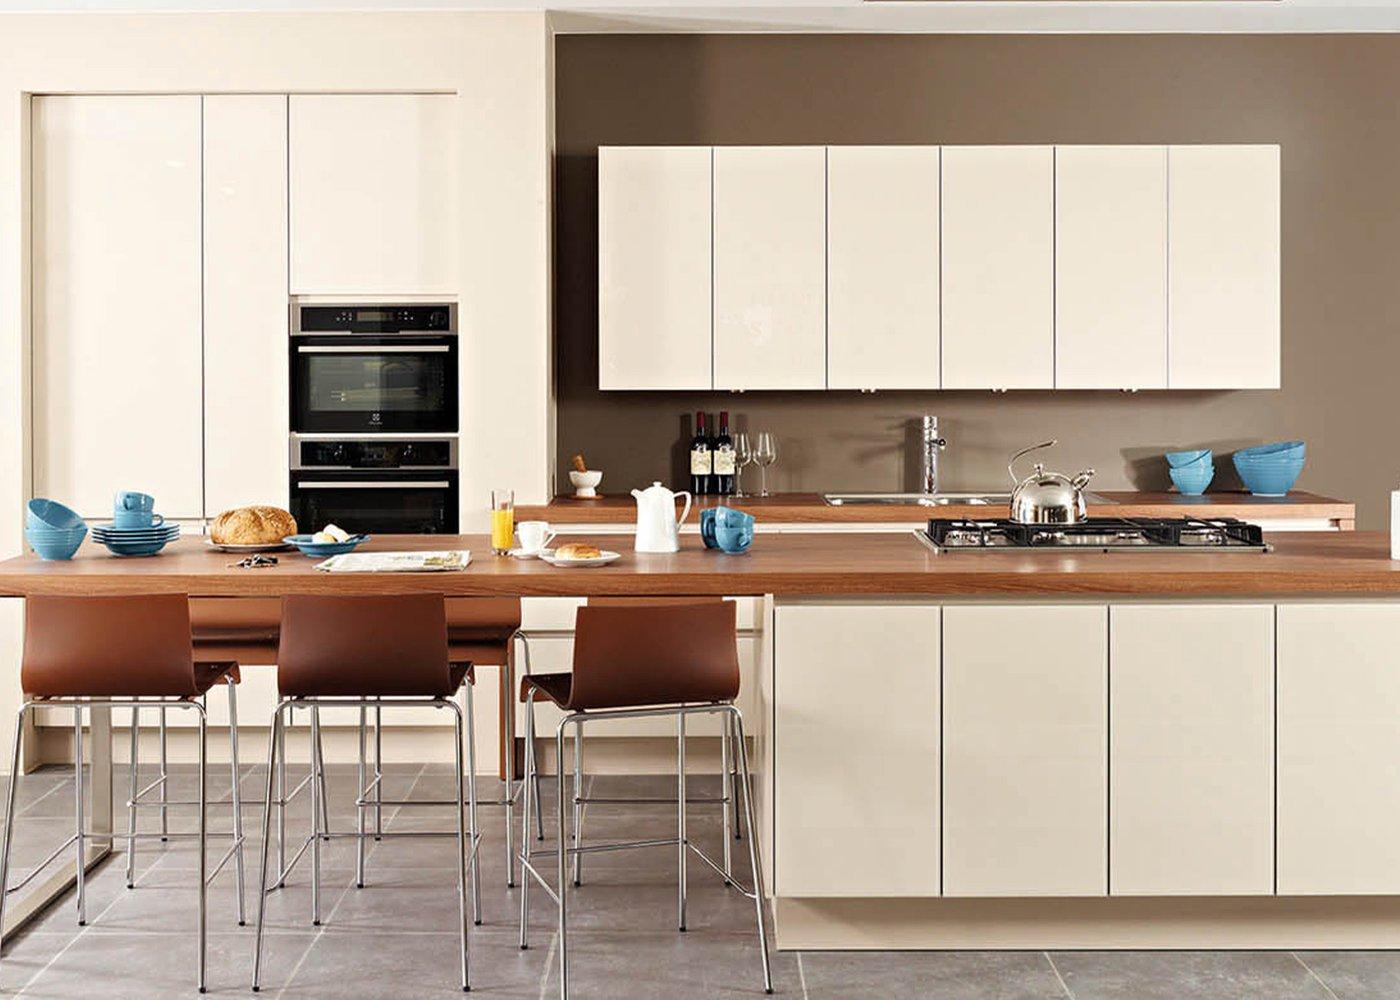 Moderne beige keuken in glas - Model Sirius